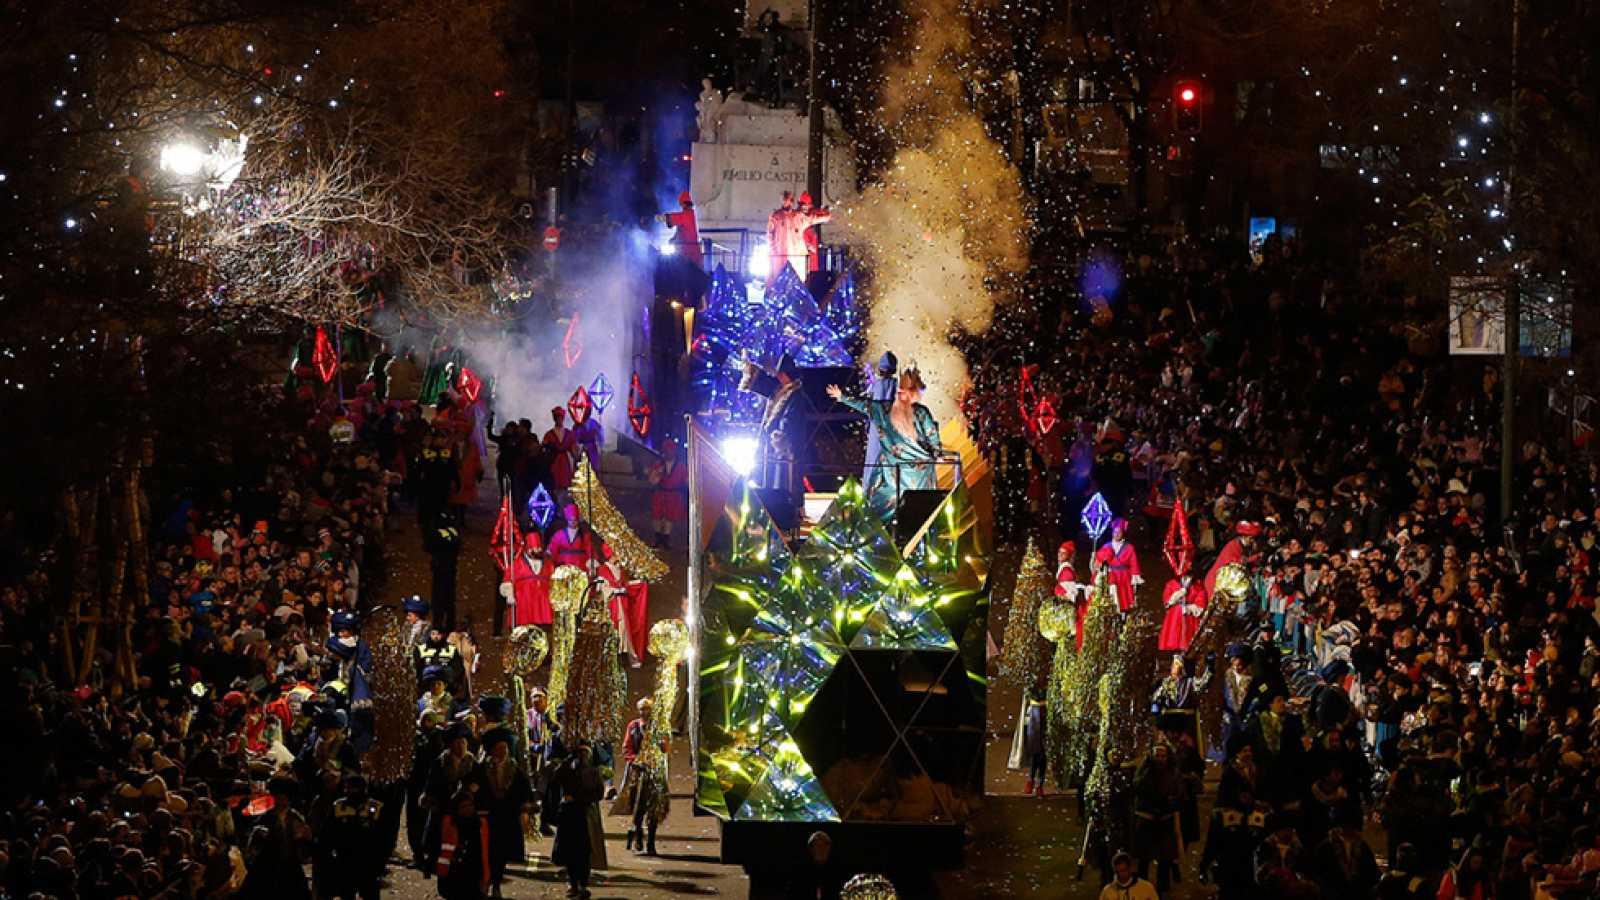 Ver Fotos De Los Reyes Magos De Oriente.Los Reyes Magos Estan Preparados Para Llenar Las Casas De Juguetes E Ilusion